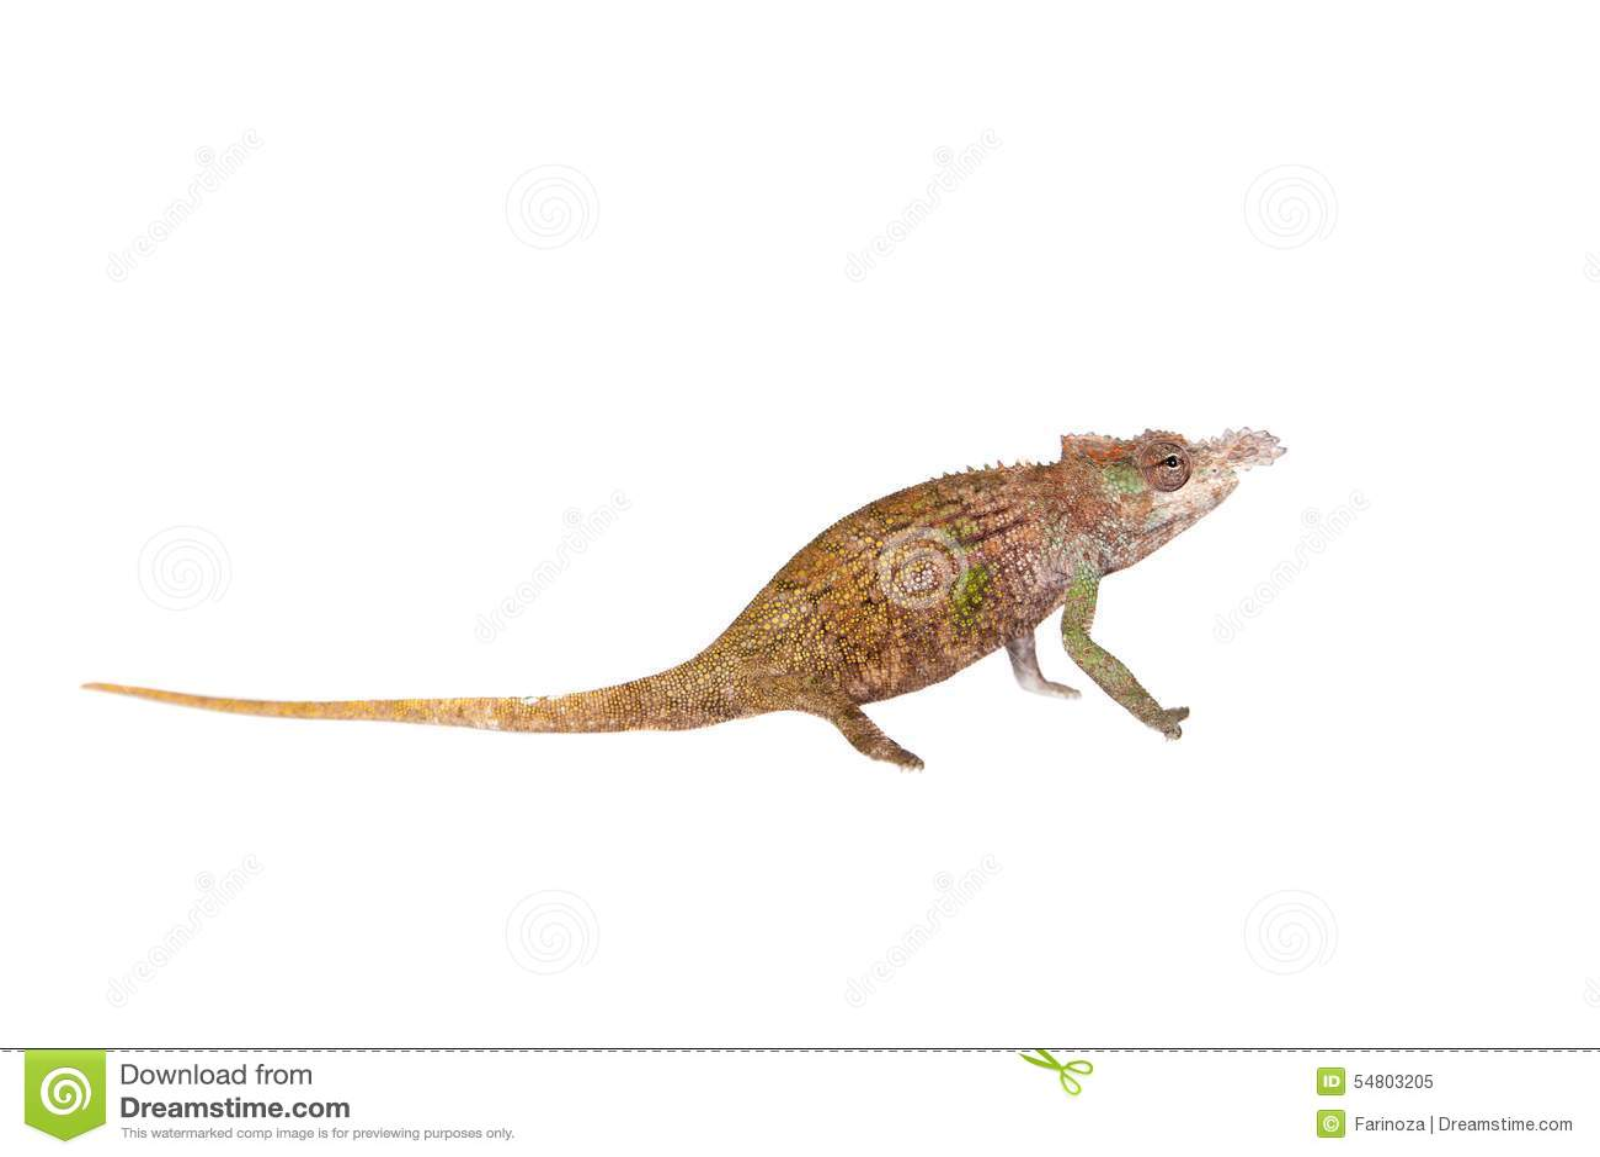 Boehme s chameleon, kinyongia boehmei, on white